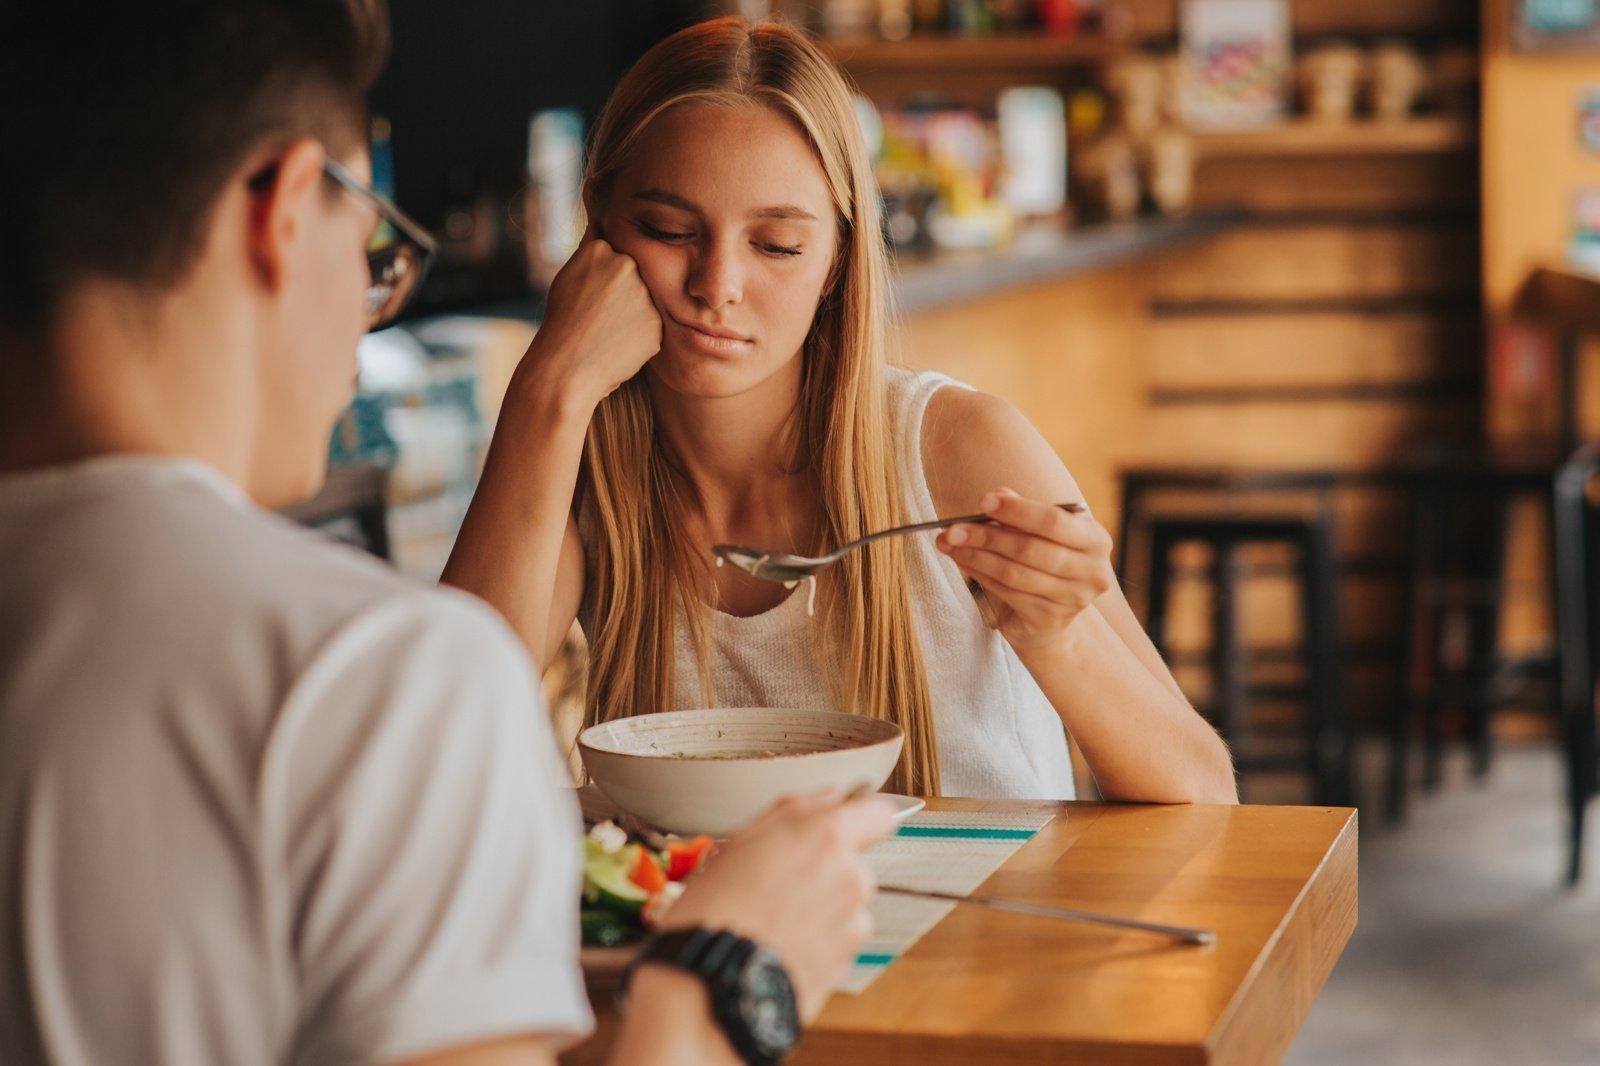 Vaistininkė atsako: kodėl ir kur dingsta apetitas?